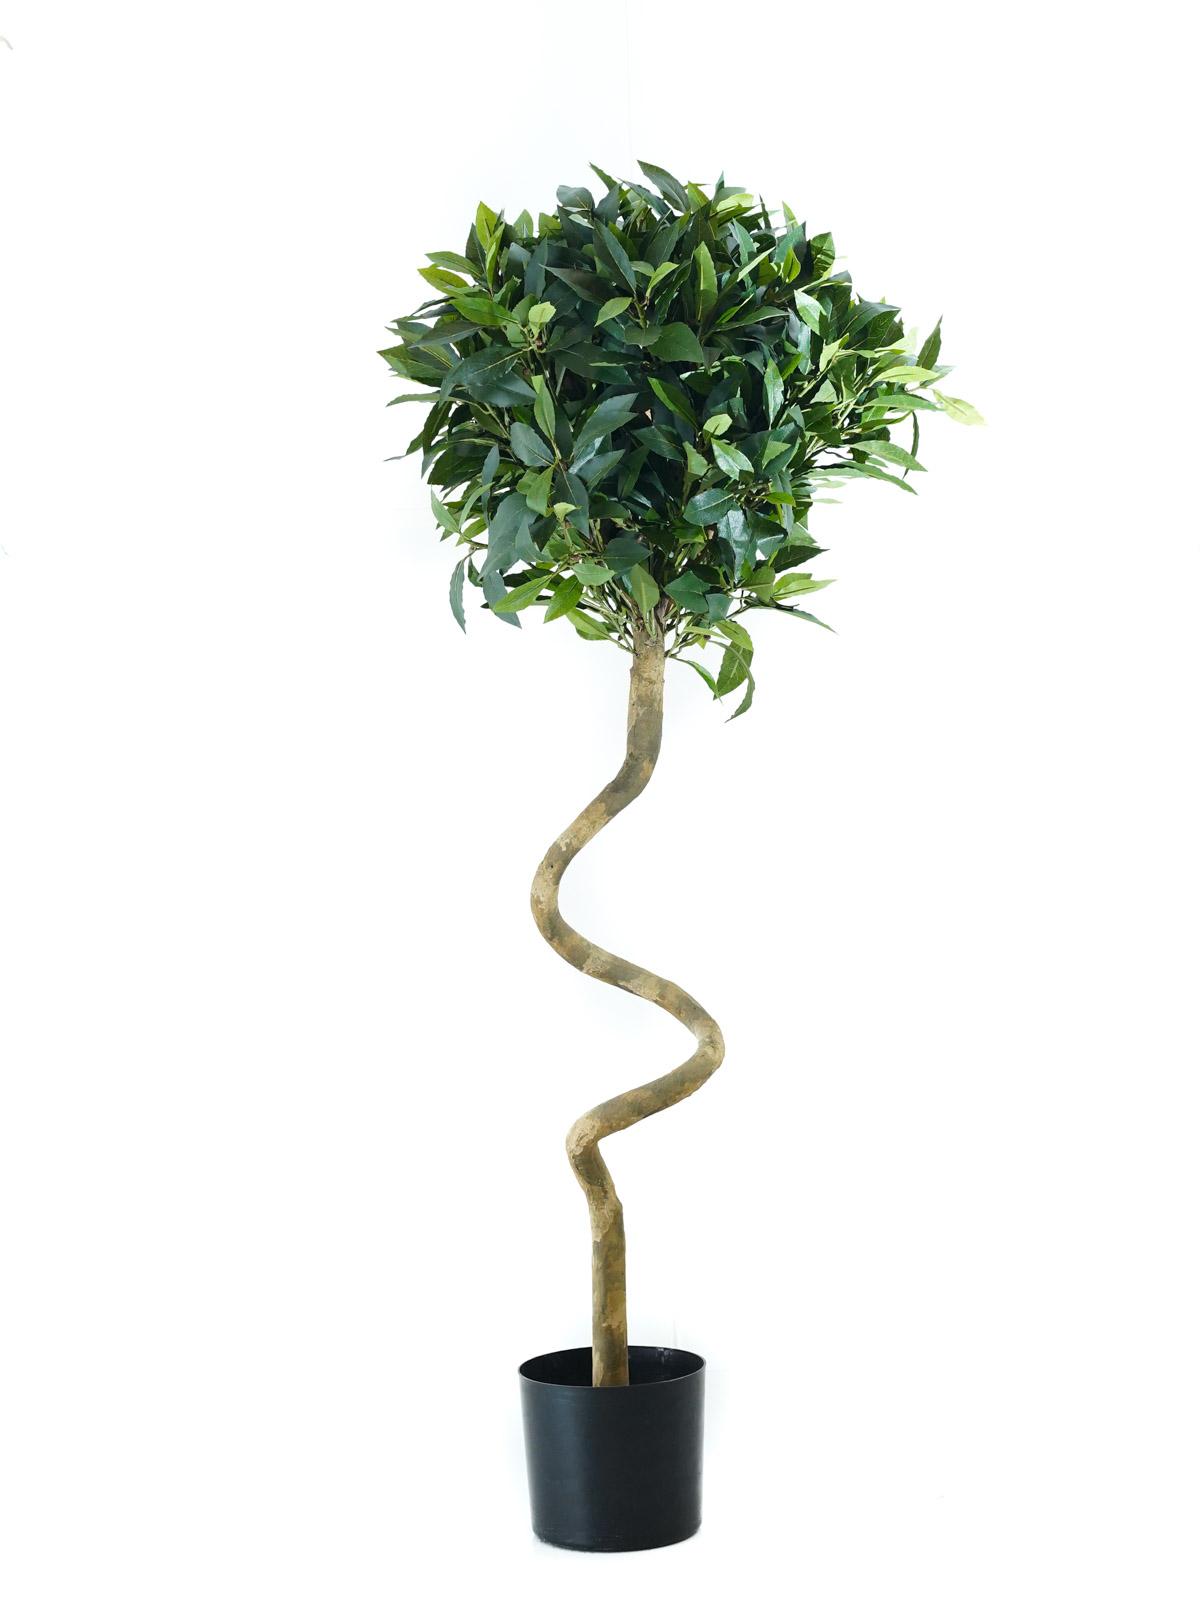 سويت باي 3 'نباتات اصطناعية'